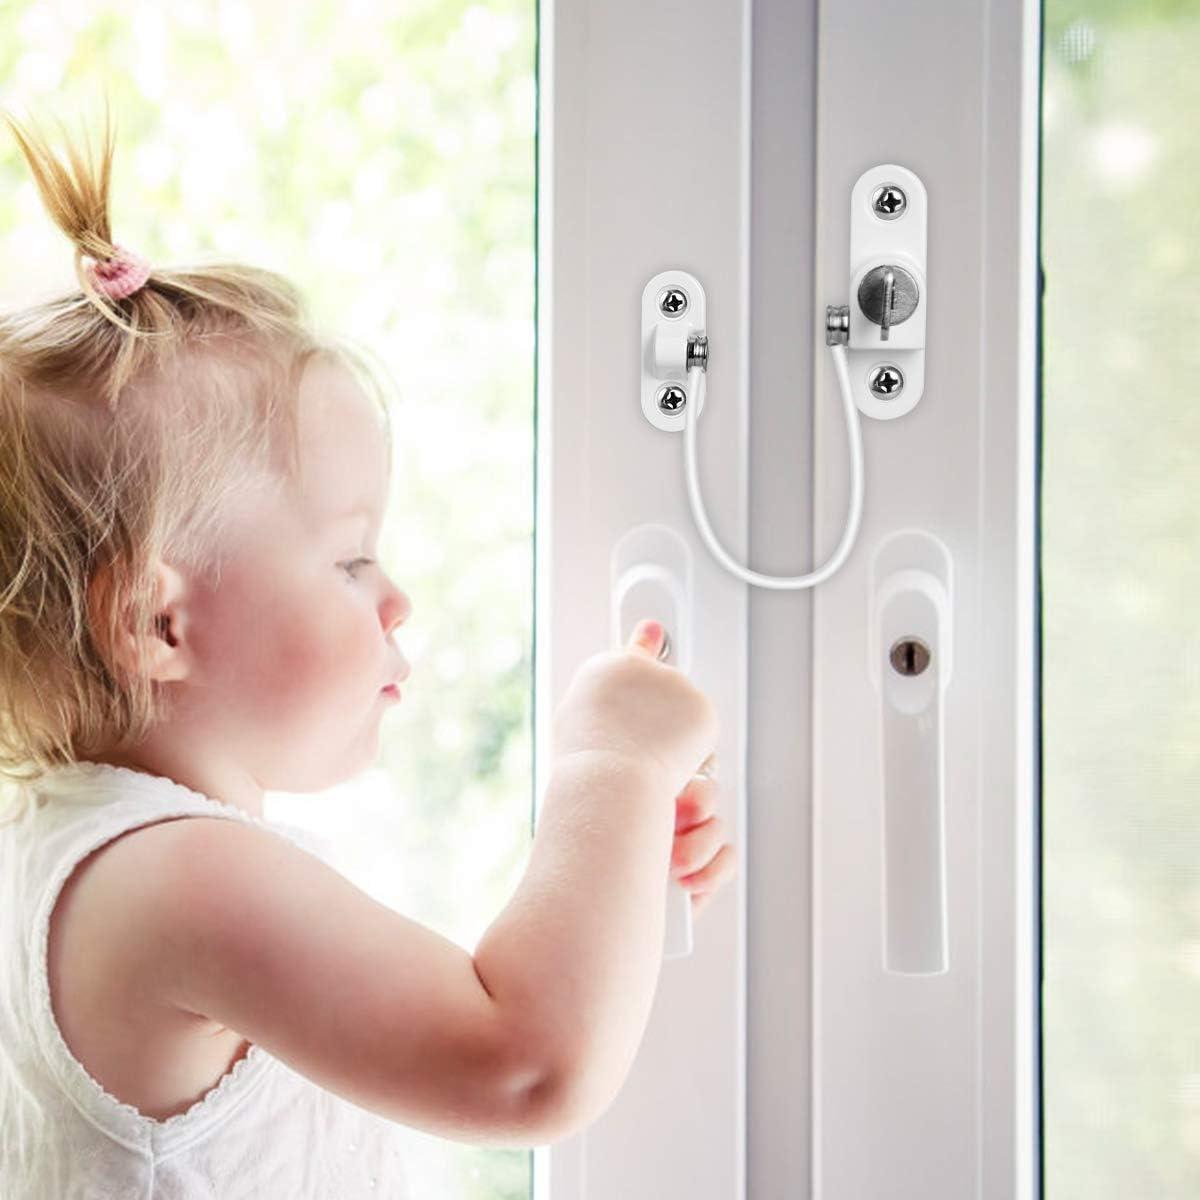 AIEVE 2 Stk Sicherheitsschloss Kabel und 4 Stk verstellbaren Kindersicherung Festerschloss /Öffnungsbegrenzer Kabelschloss Fangen Draht Begrenzer mit Schl/üssel und Schrauben f/ür Fenster T/ür